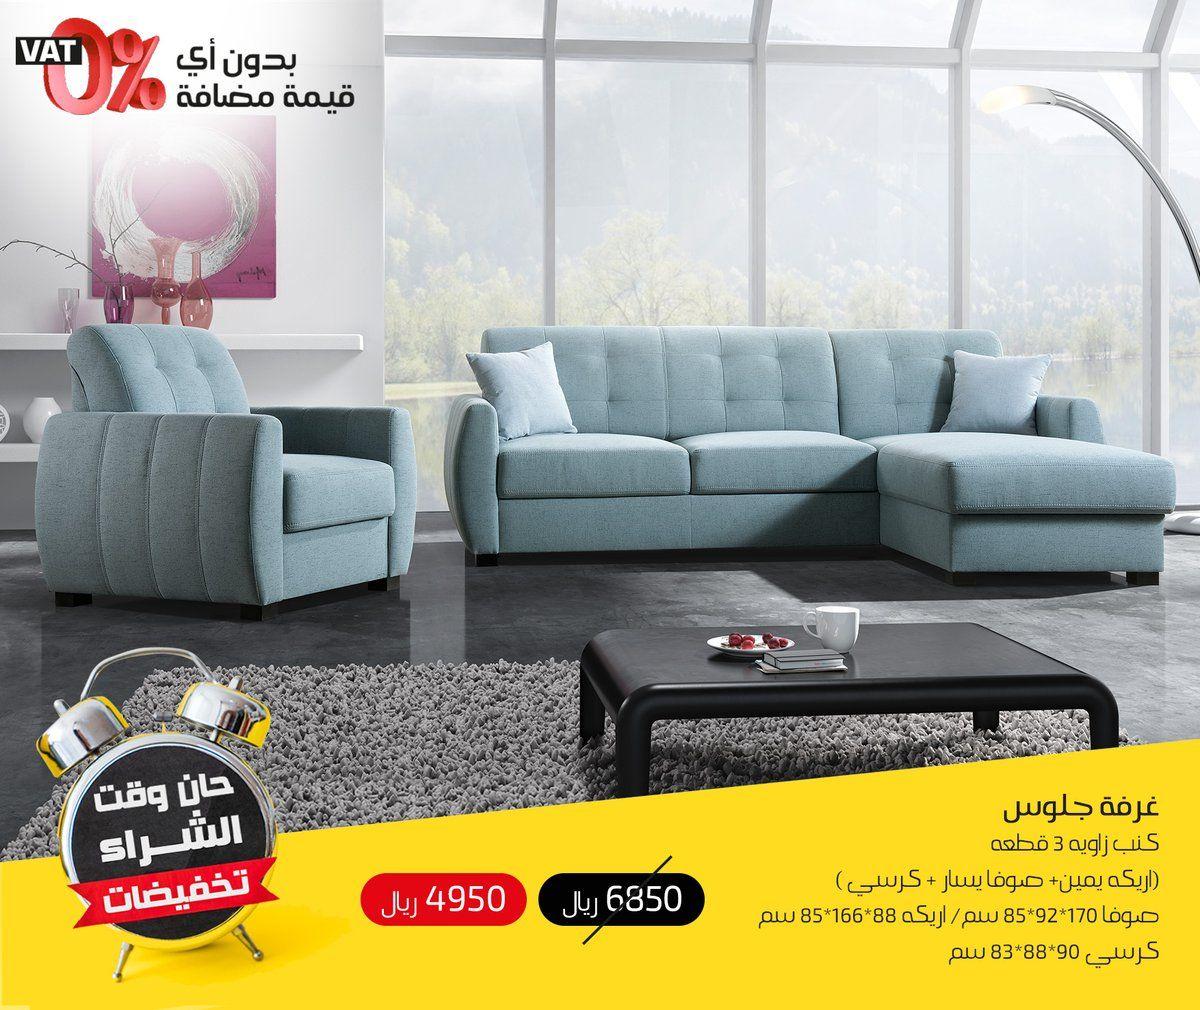 عروض شركة مفروشات العمر ليوم السبت 12 مايو 2018 خصومات حتي 60 عروض اليوم Home Furniture Sofa